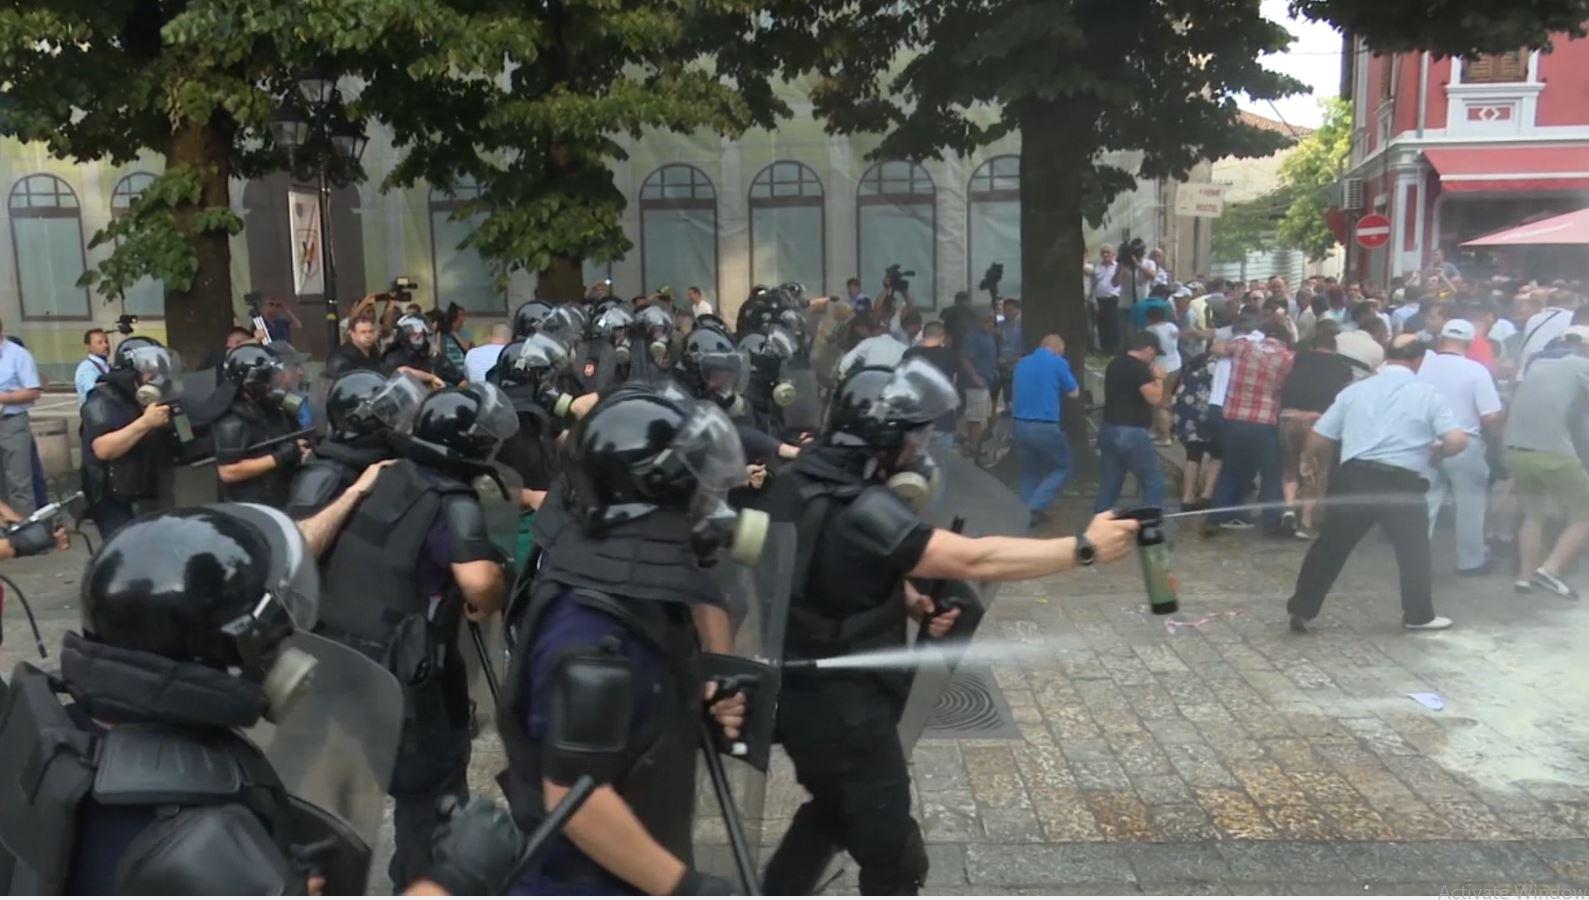 Orët e frikës dhe paqes, gjithçka ndodhi në Shkodër